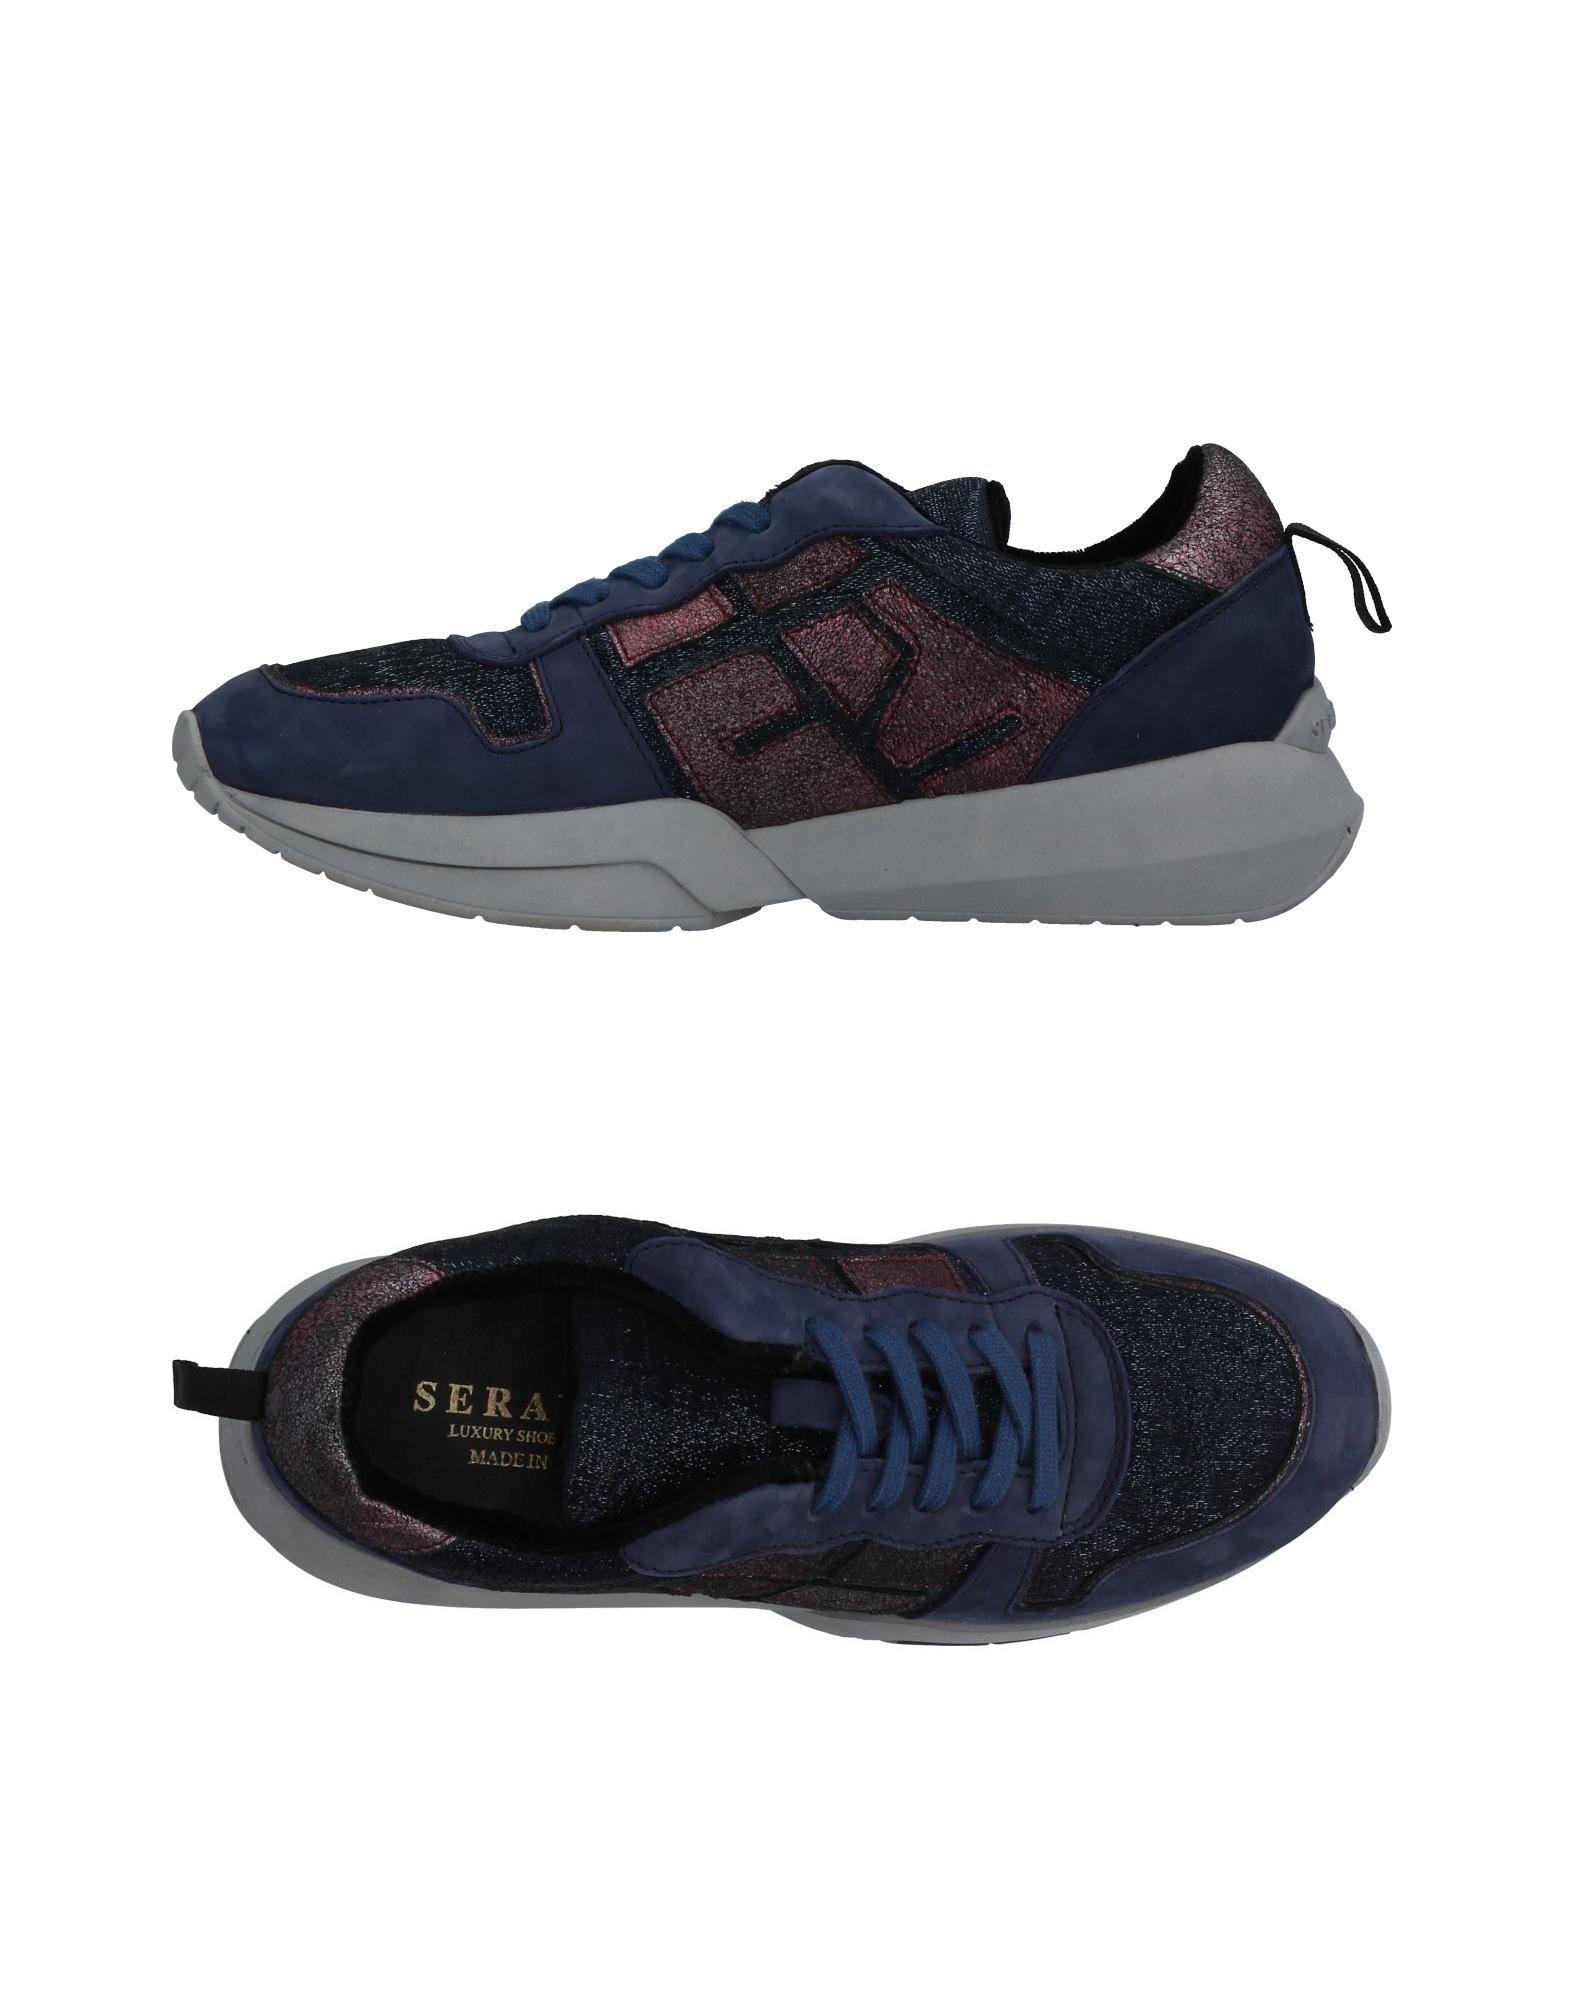 SERAFINI LUXURY Damen Low Sneakers & Tennisschuhe Farbe Violett Größe 9 - broschei